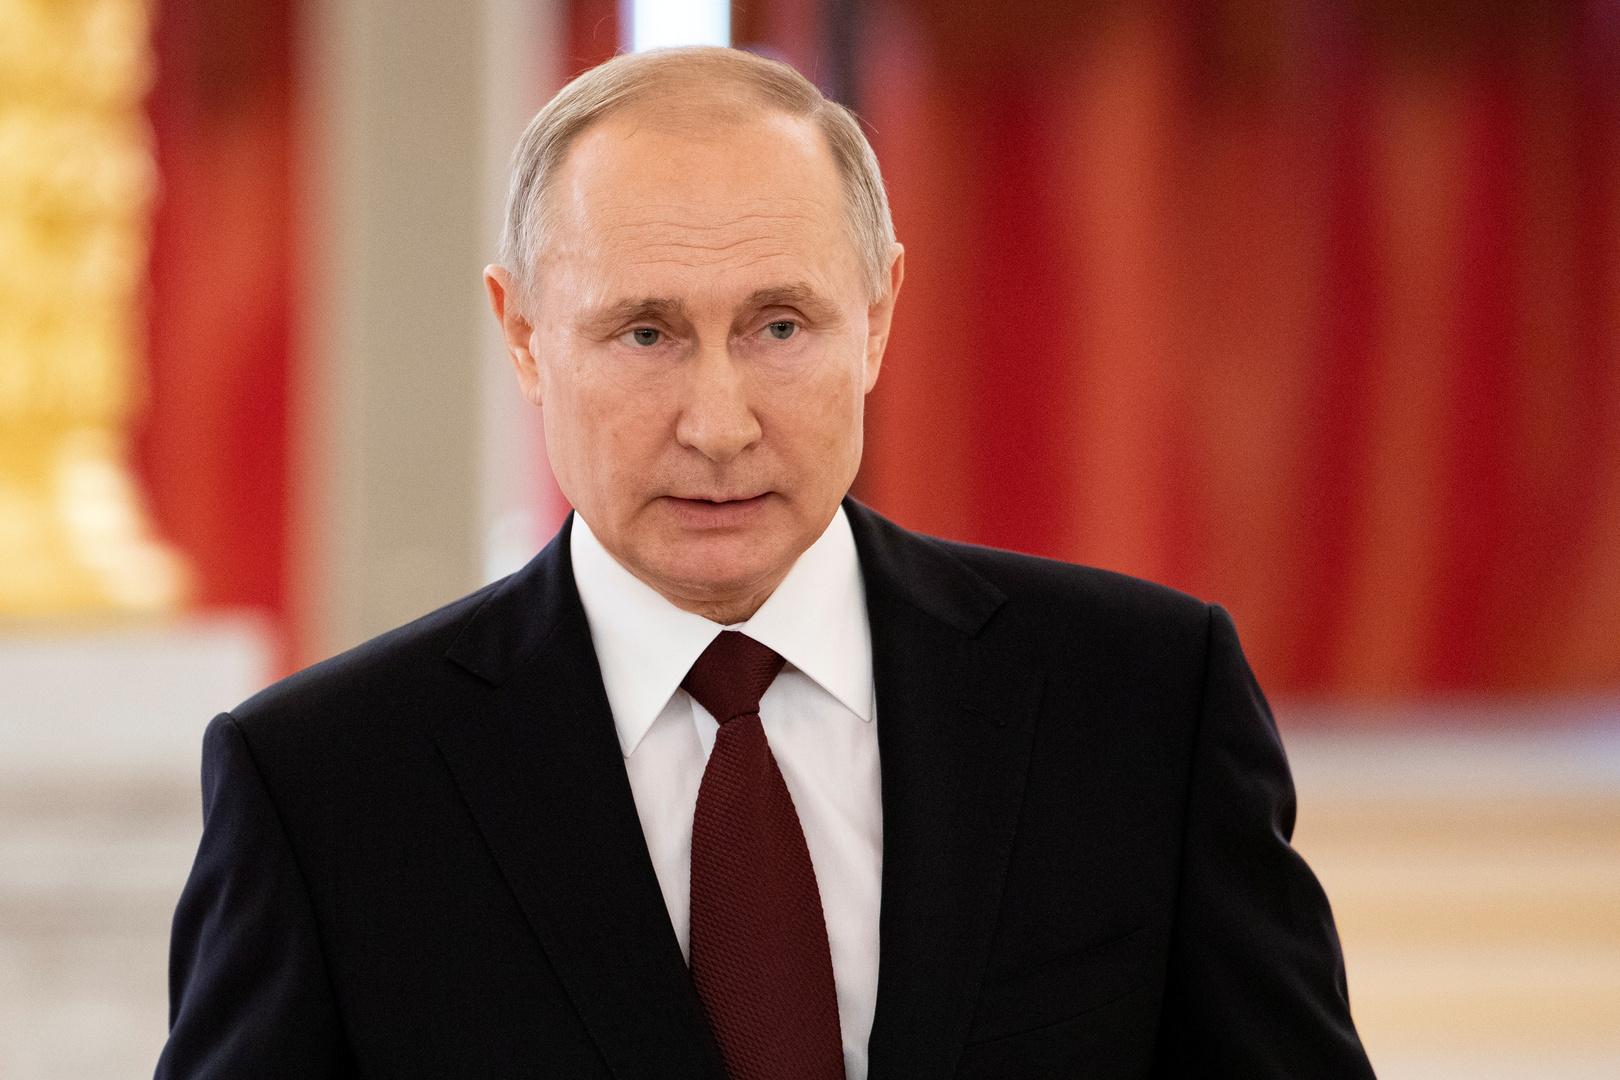 بوتين: عدد جرائم الإرهاب في روسيا ينخفض ونثمنالتضامن المهني معنا من الشركاء الأجانب